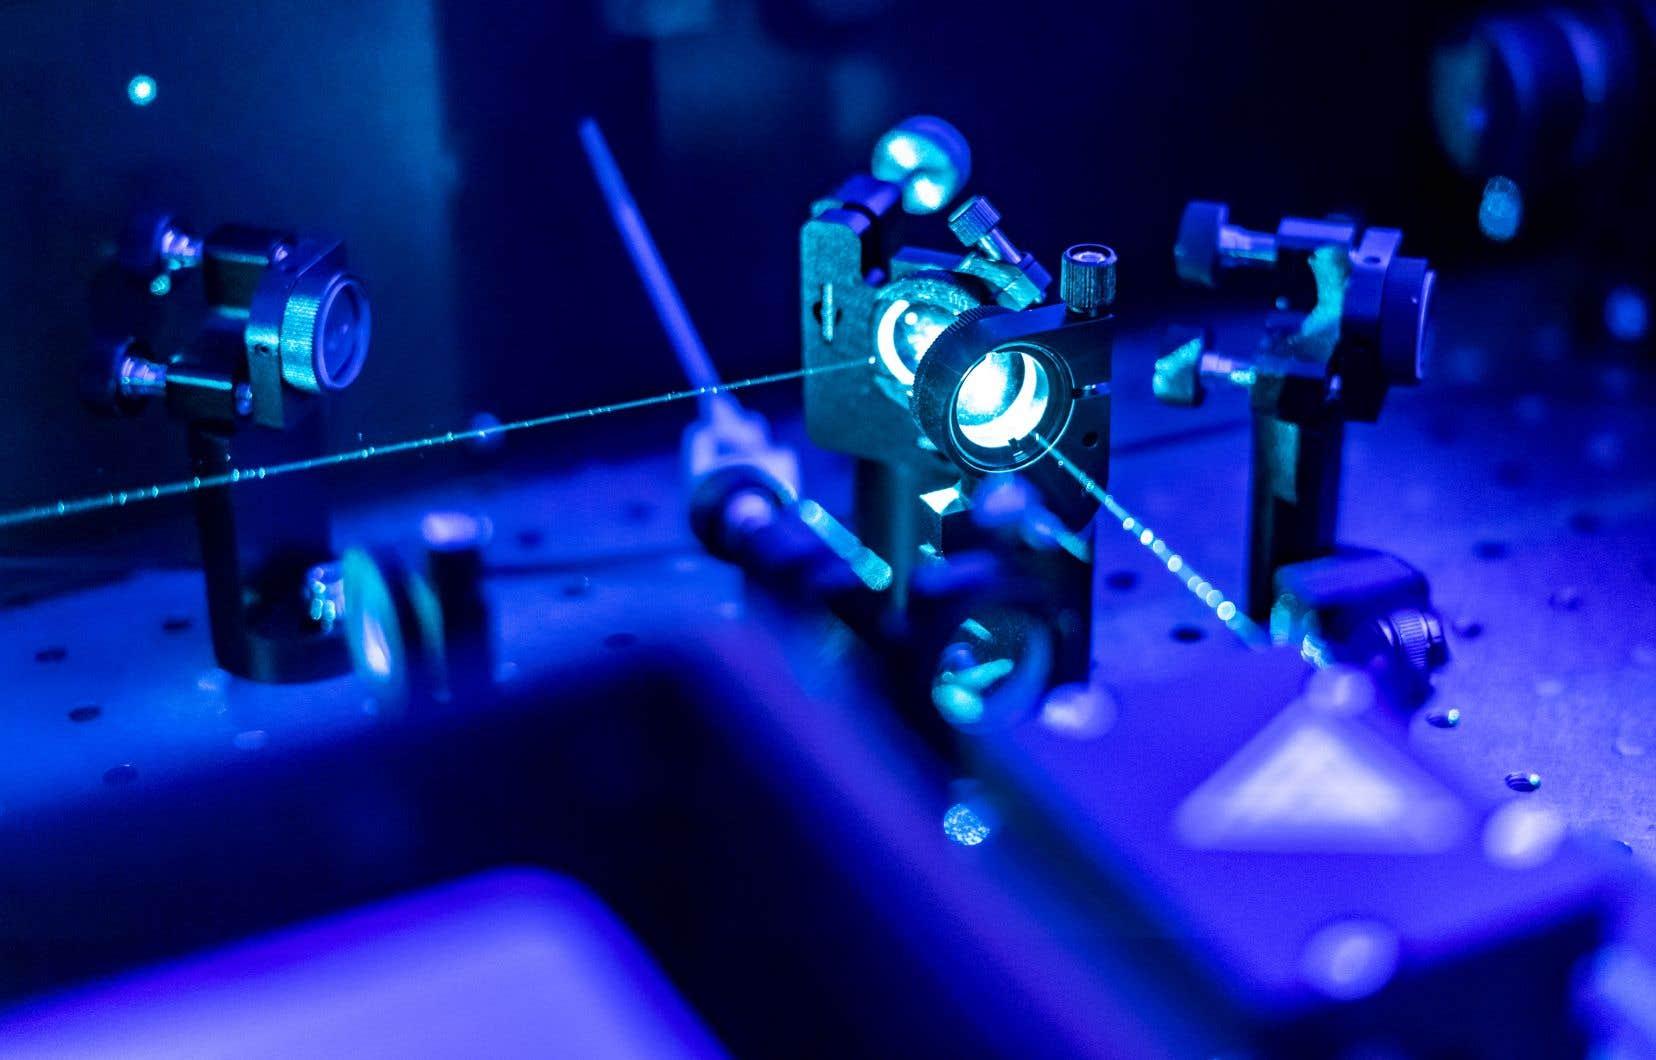 À l'aide de la spectroscopie ultrarapide, le physicien Samuel Beaulieu travaille à immortaliser des électrons.